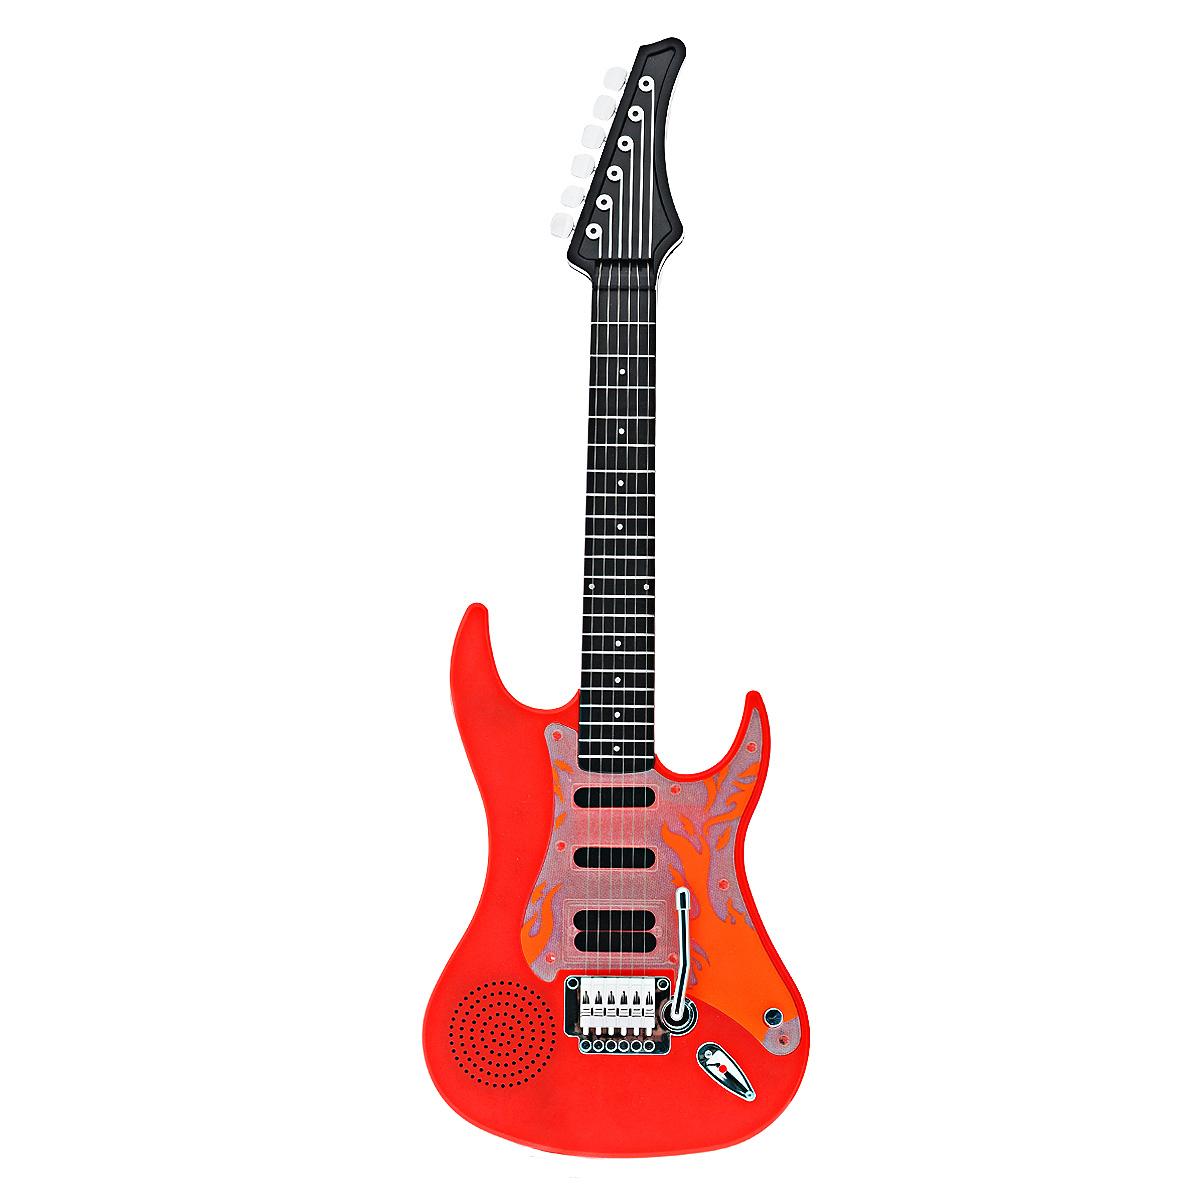 Игрушка музыкальная Genio Kids Рок-гитара, цвет: красныйPG89_красныйМузыкальная игрушка Genio Kids Рок-гитара непременно понравится вашему ребенку и не позволит ему скучать. Она выполнена из прочного яркого пластика и оснащена световыми и звуковыми эффектами. Особенности гитары: 6 металлических струн; подсветка в такт музыке; разъем 3,5 мм для аксессуаров; кнопка старт для начала проигрывания мелодии; при касании струн в такт основному ритму проигрываются различные звуки.Игрушка снабжена текстильным ремнем для более удобной игры; встроенный ремешок для переноски на плече. Игрушка Genio Kids Рок-гитара поможет ребенку развить звуковое восприятие, музыкальный слух, мелкую моторику рук и координацию движений. С такой игрушкой ваш ребенок порадует вас замечательным концертом! Рекомендуется докупить 3 батарейки напряжением 1,5V типа АА (товар комплектуется демонстрационными).